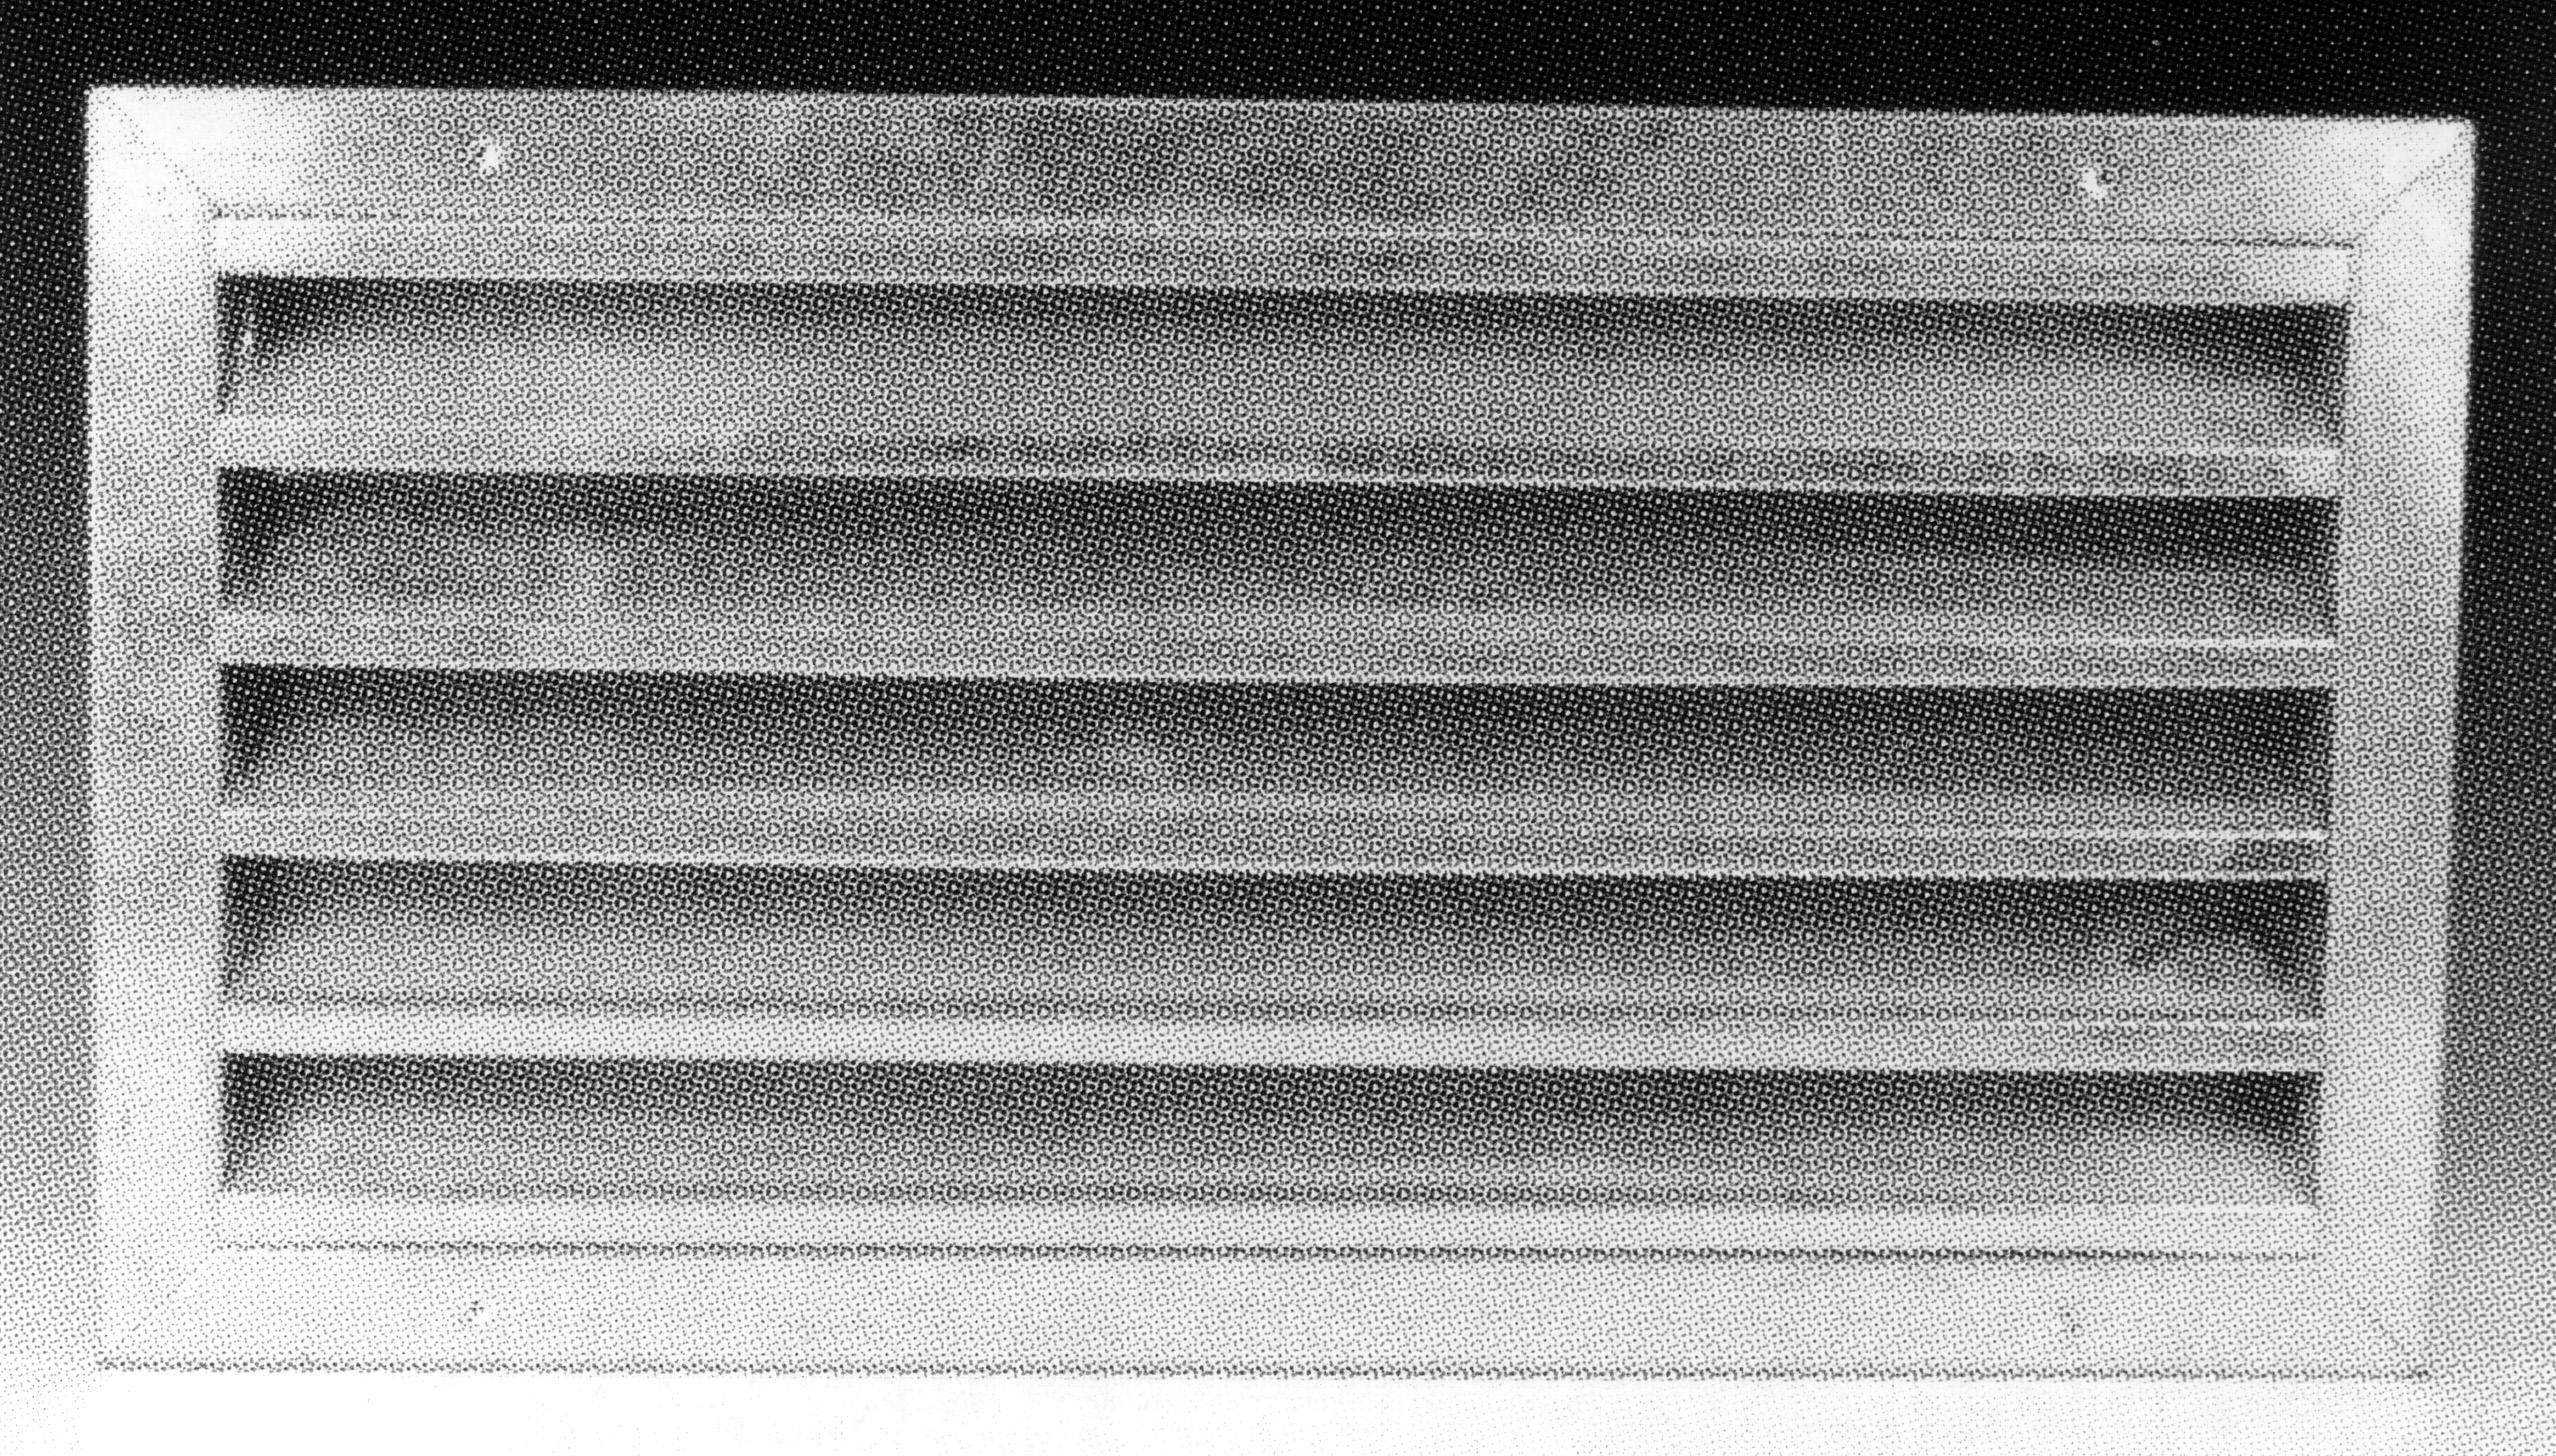 Griglia presa aria esterna in acciaio zincato con rete passo 50 dimensione 1000x1100 mm